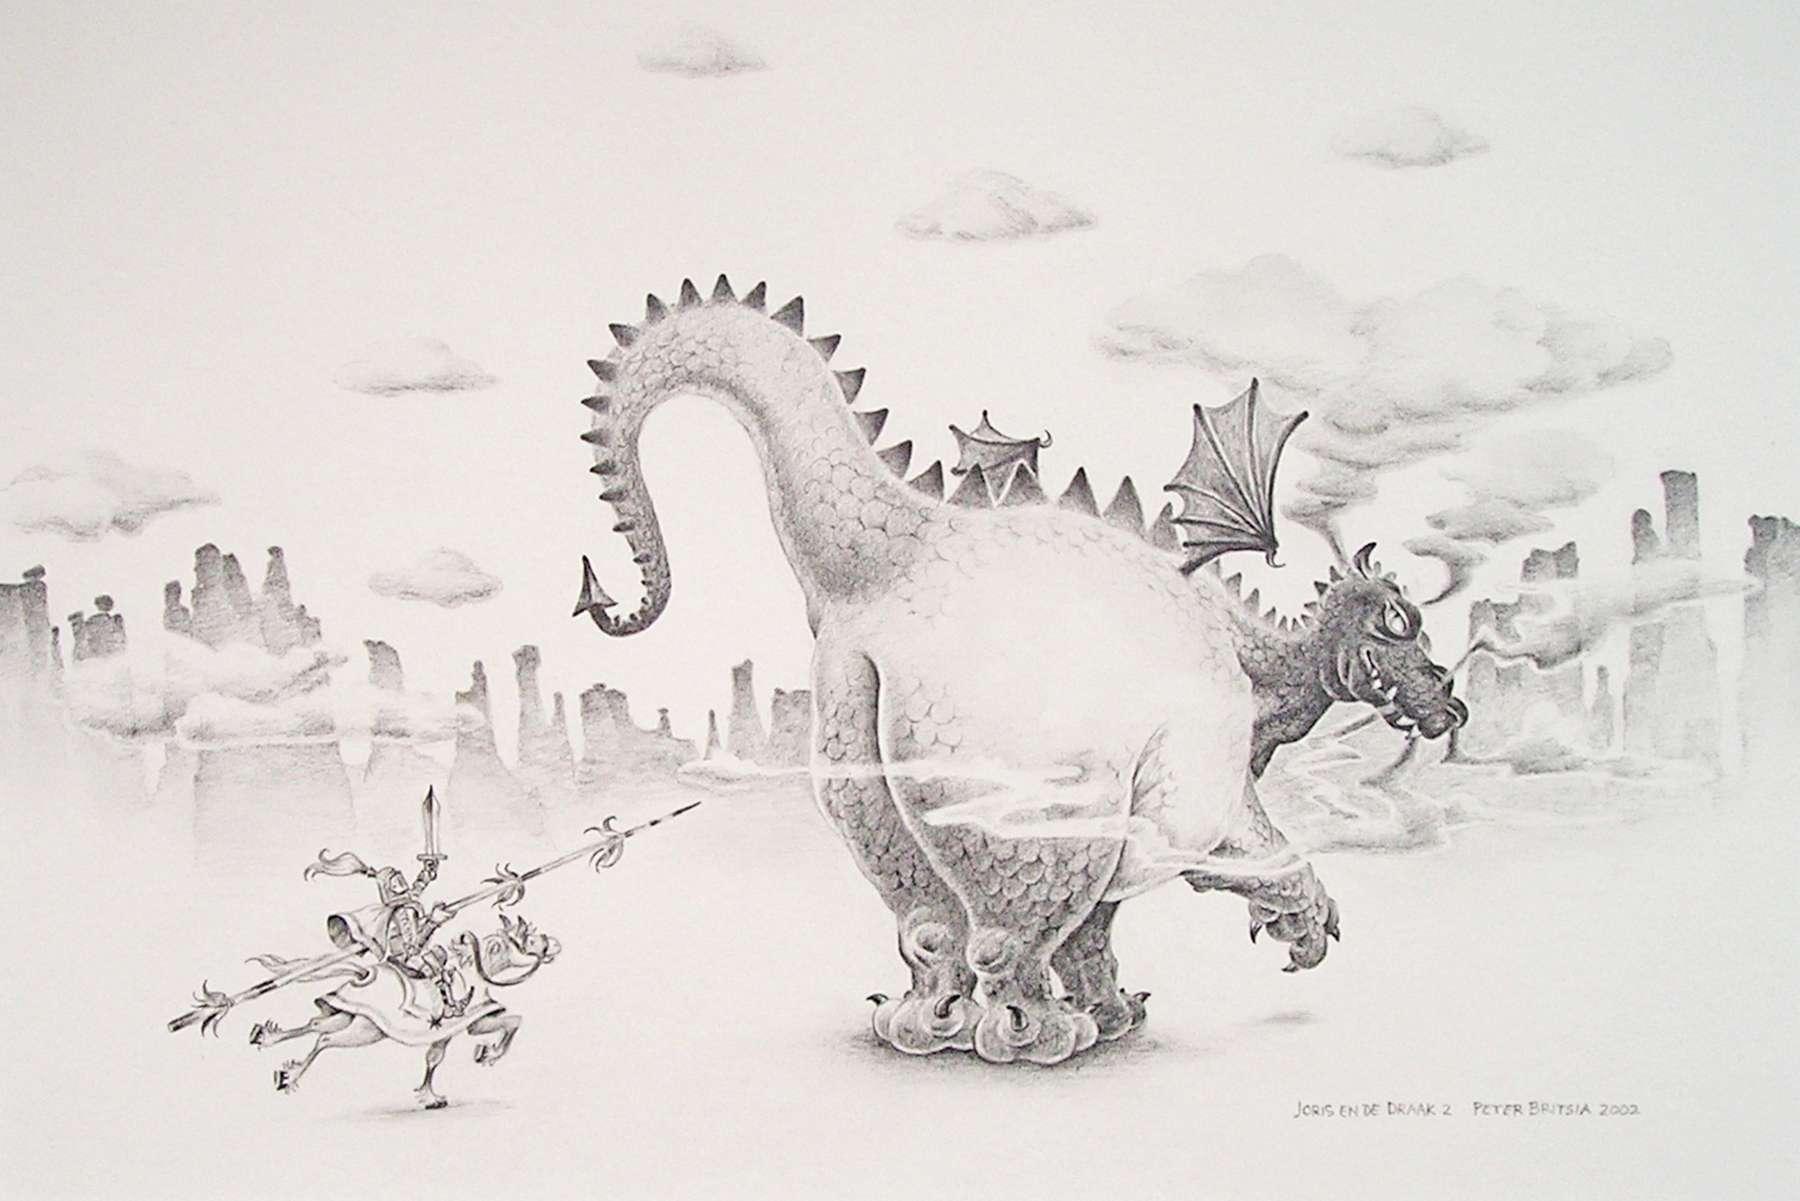 Joris en de draak -2- potloodtekening<br>Met bovenmenselijke moed valt Joris de enorme draak aan. Hij nadert haar van achteren om het voordeel van de verrassing te hebben. Maar heeft de draak echt niet door?